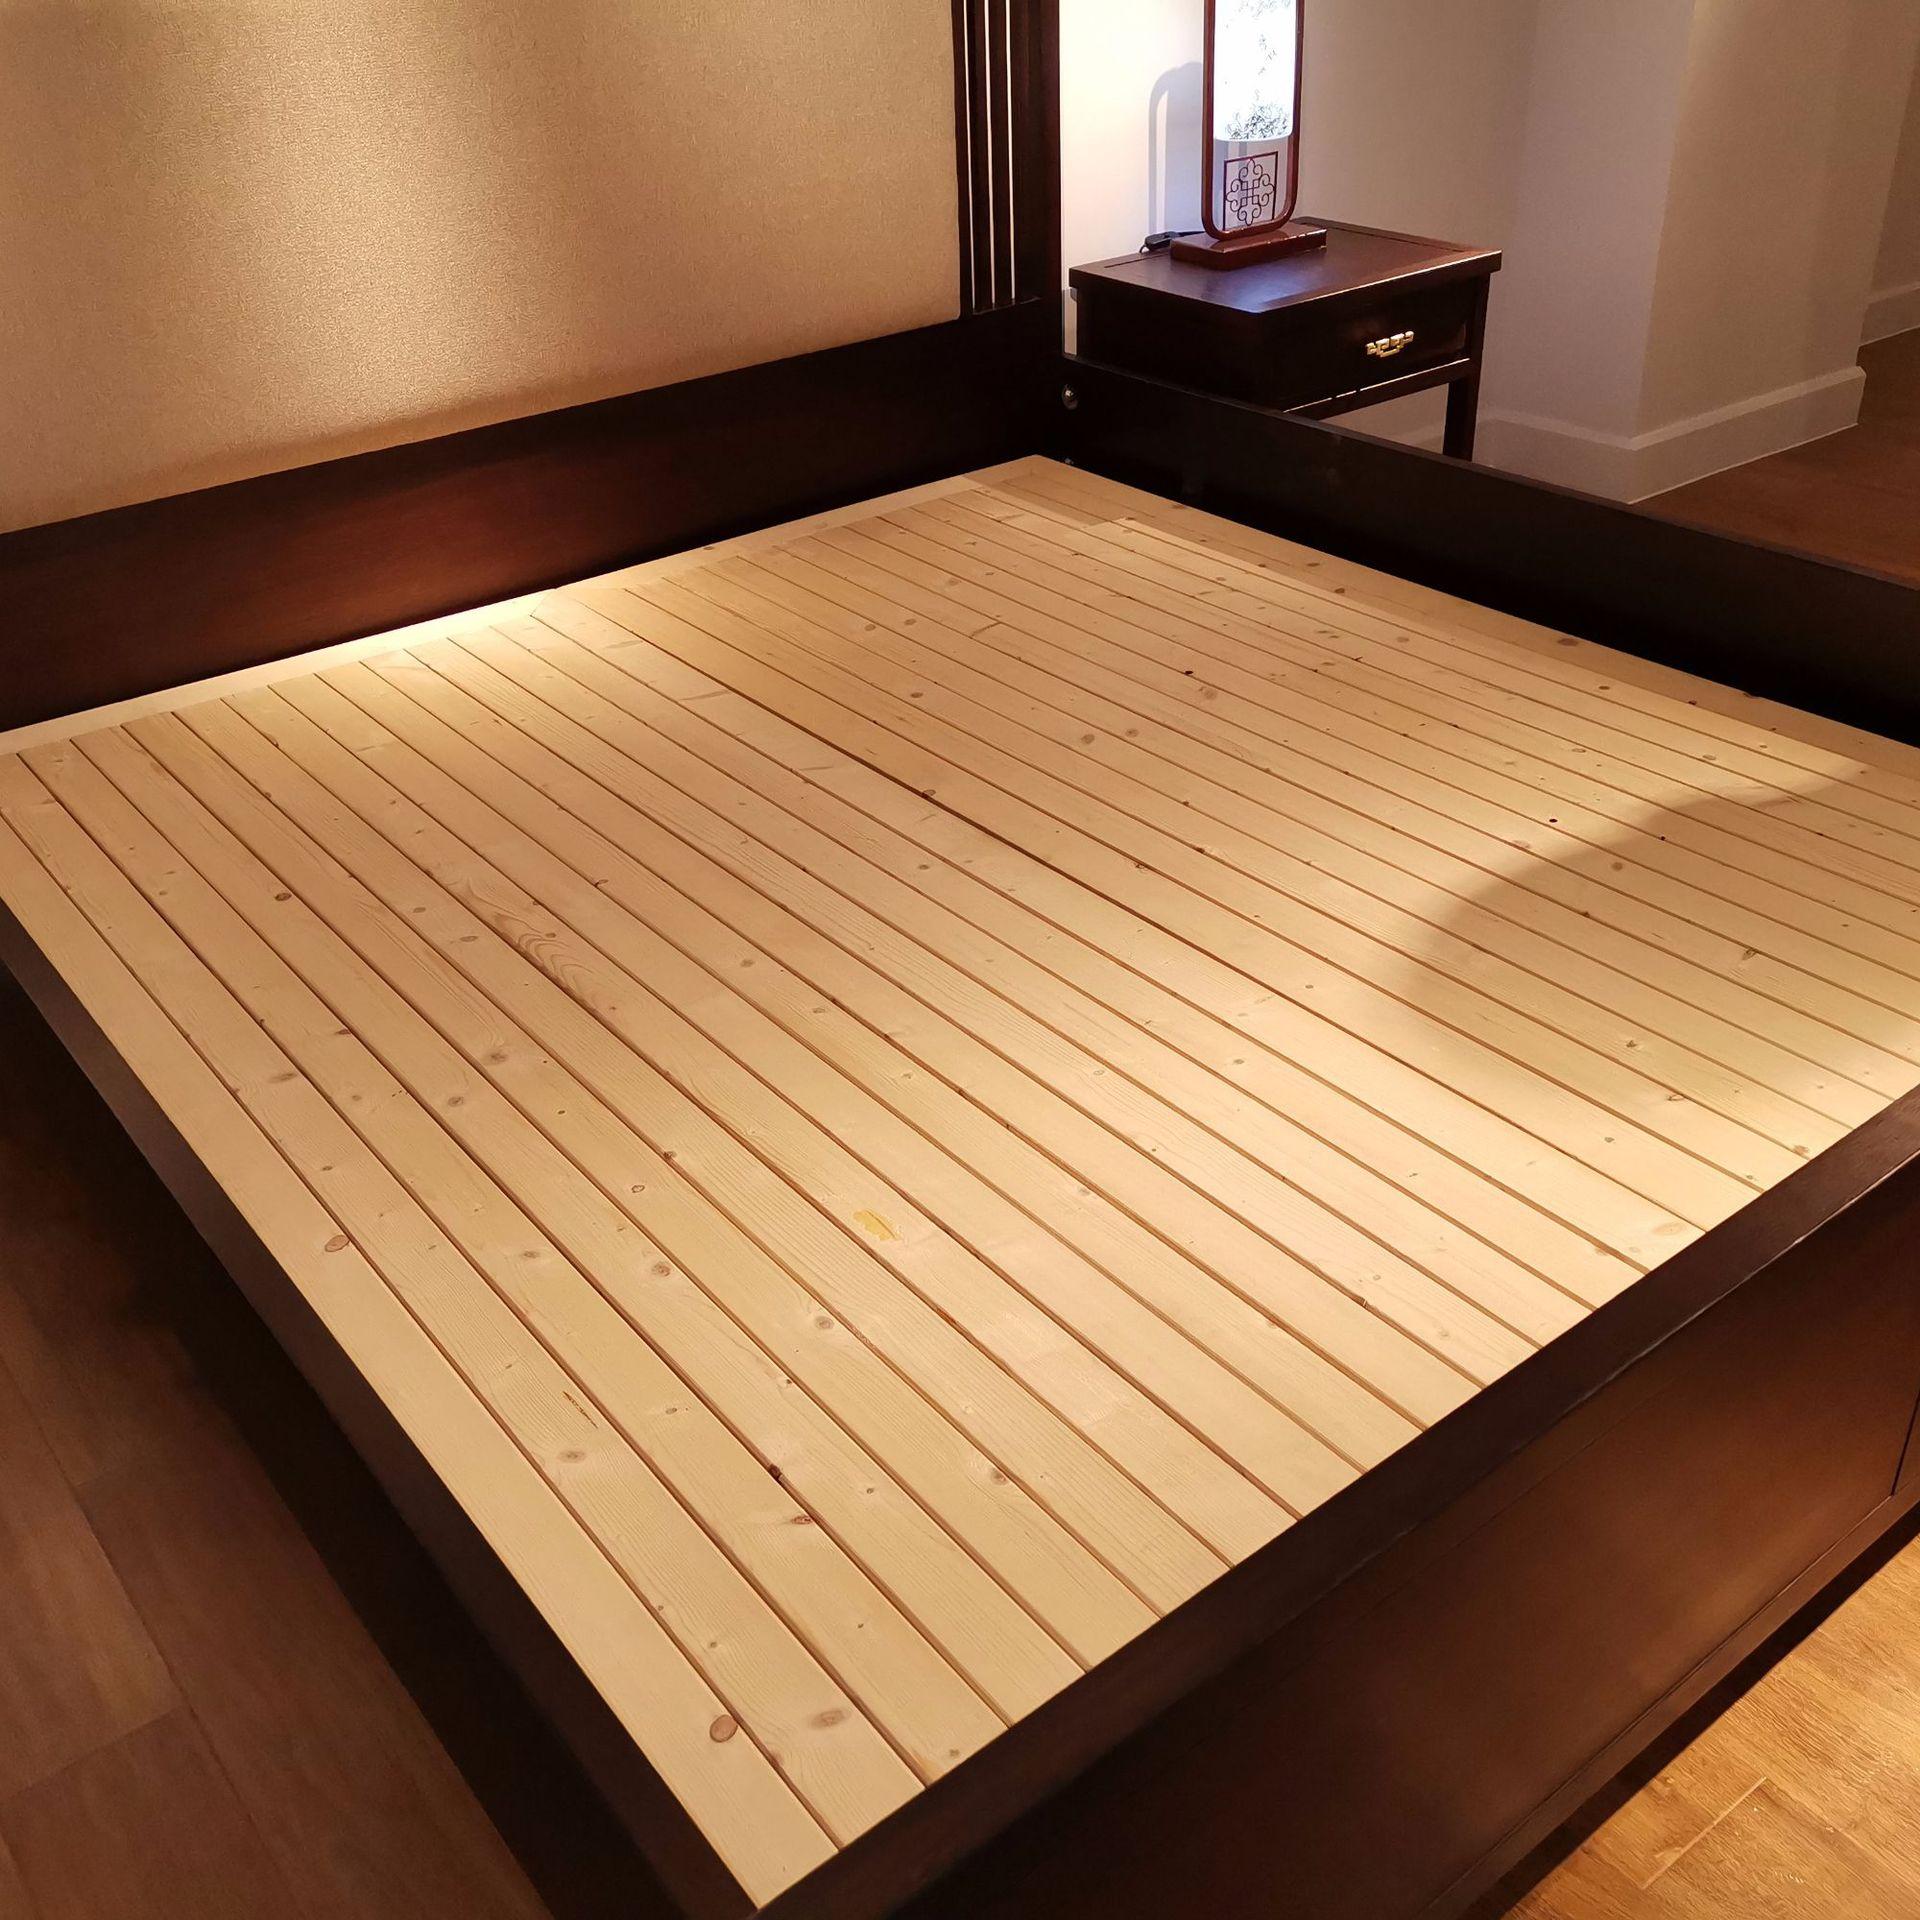 现代新中式实木床 简约卧室双人床 大婚床乌金木家具 可定制示例图7